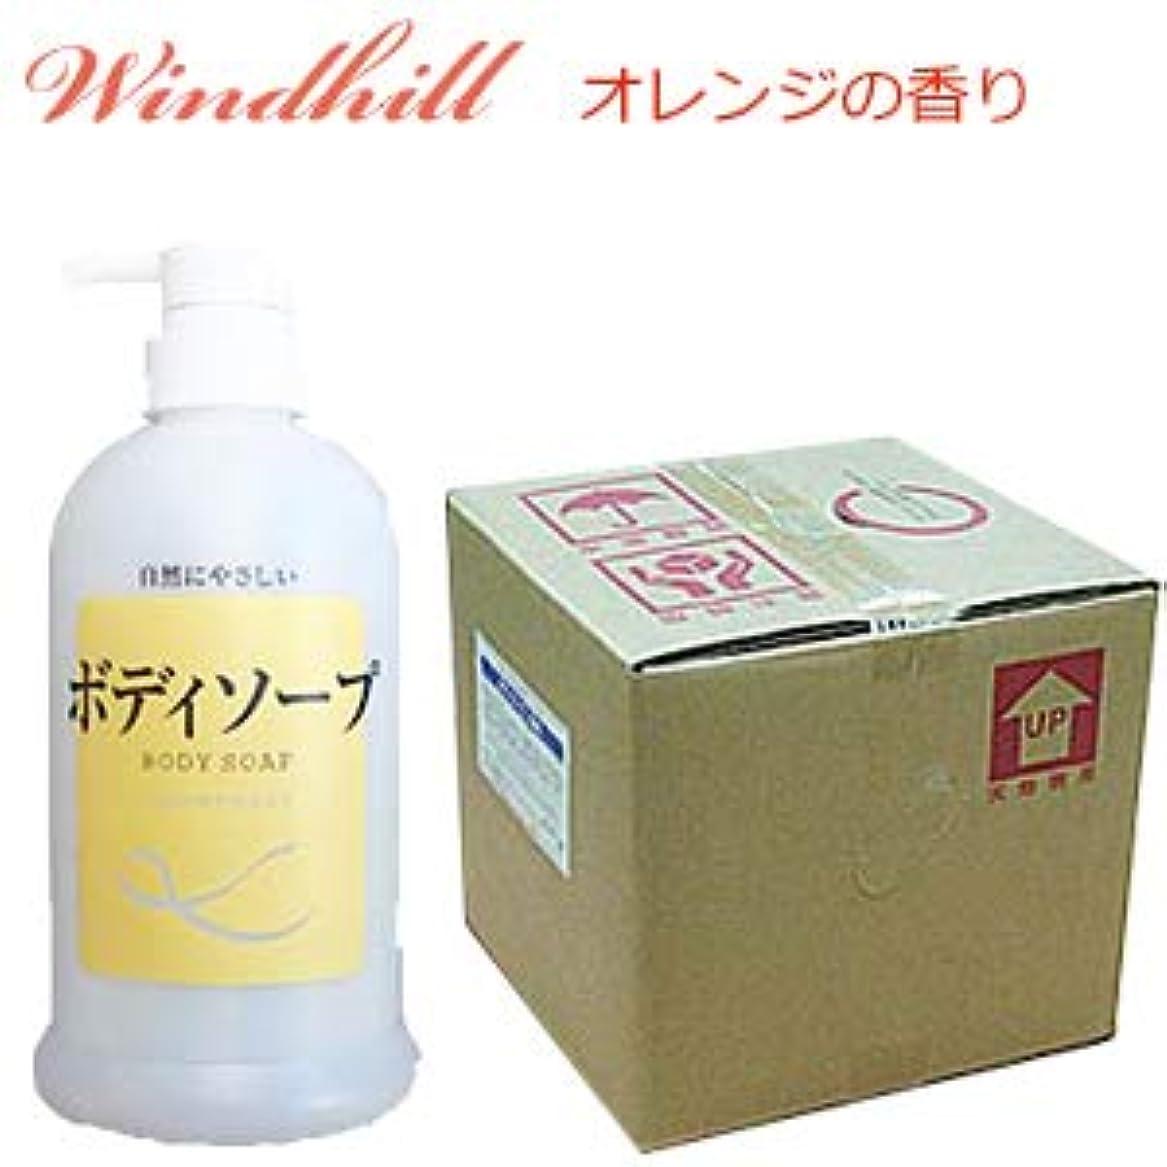 ズームインするテスト劣るWindhill 植物性 業務用ボディソープオレンジの香り 20L(1セット20L入)